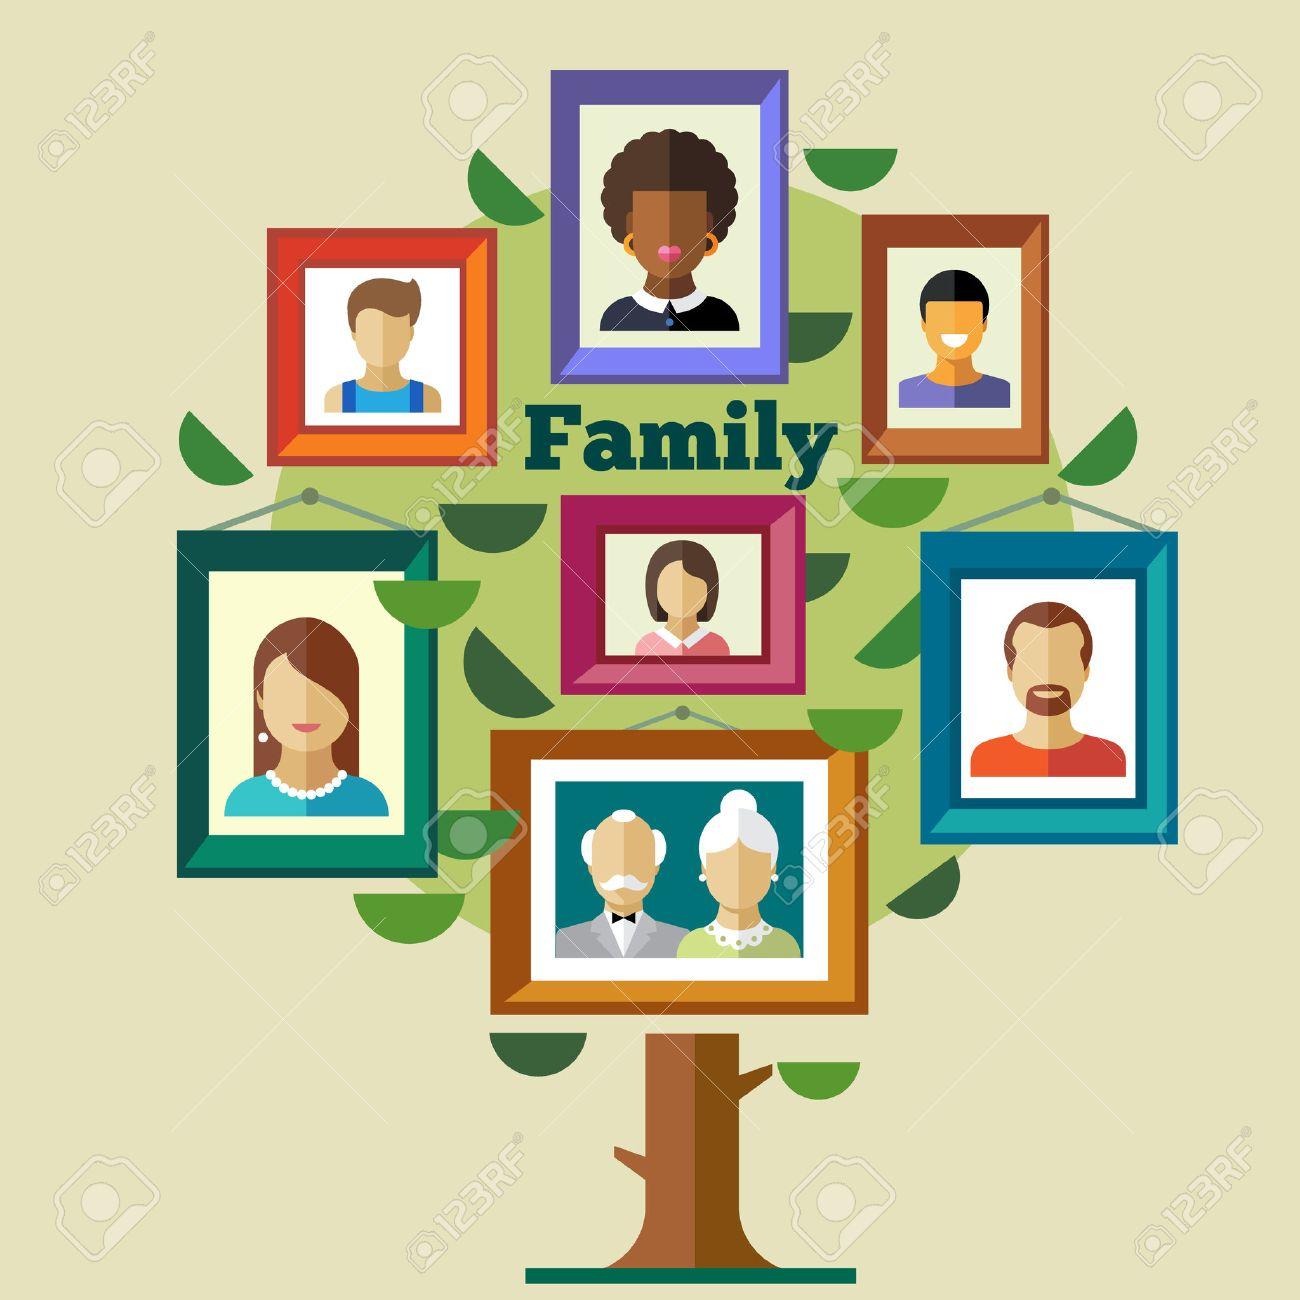 Familia Relaciones Y Tradiciones De Los árboles. Retratos De Los ...